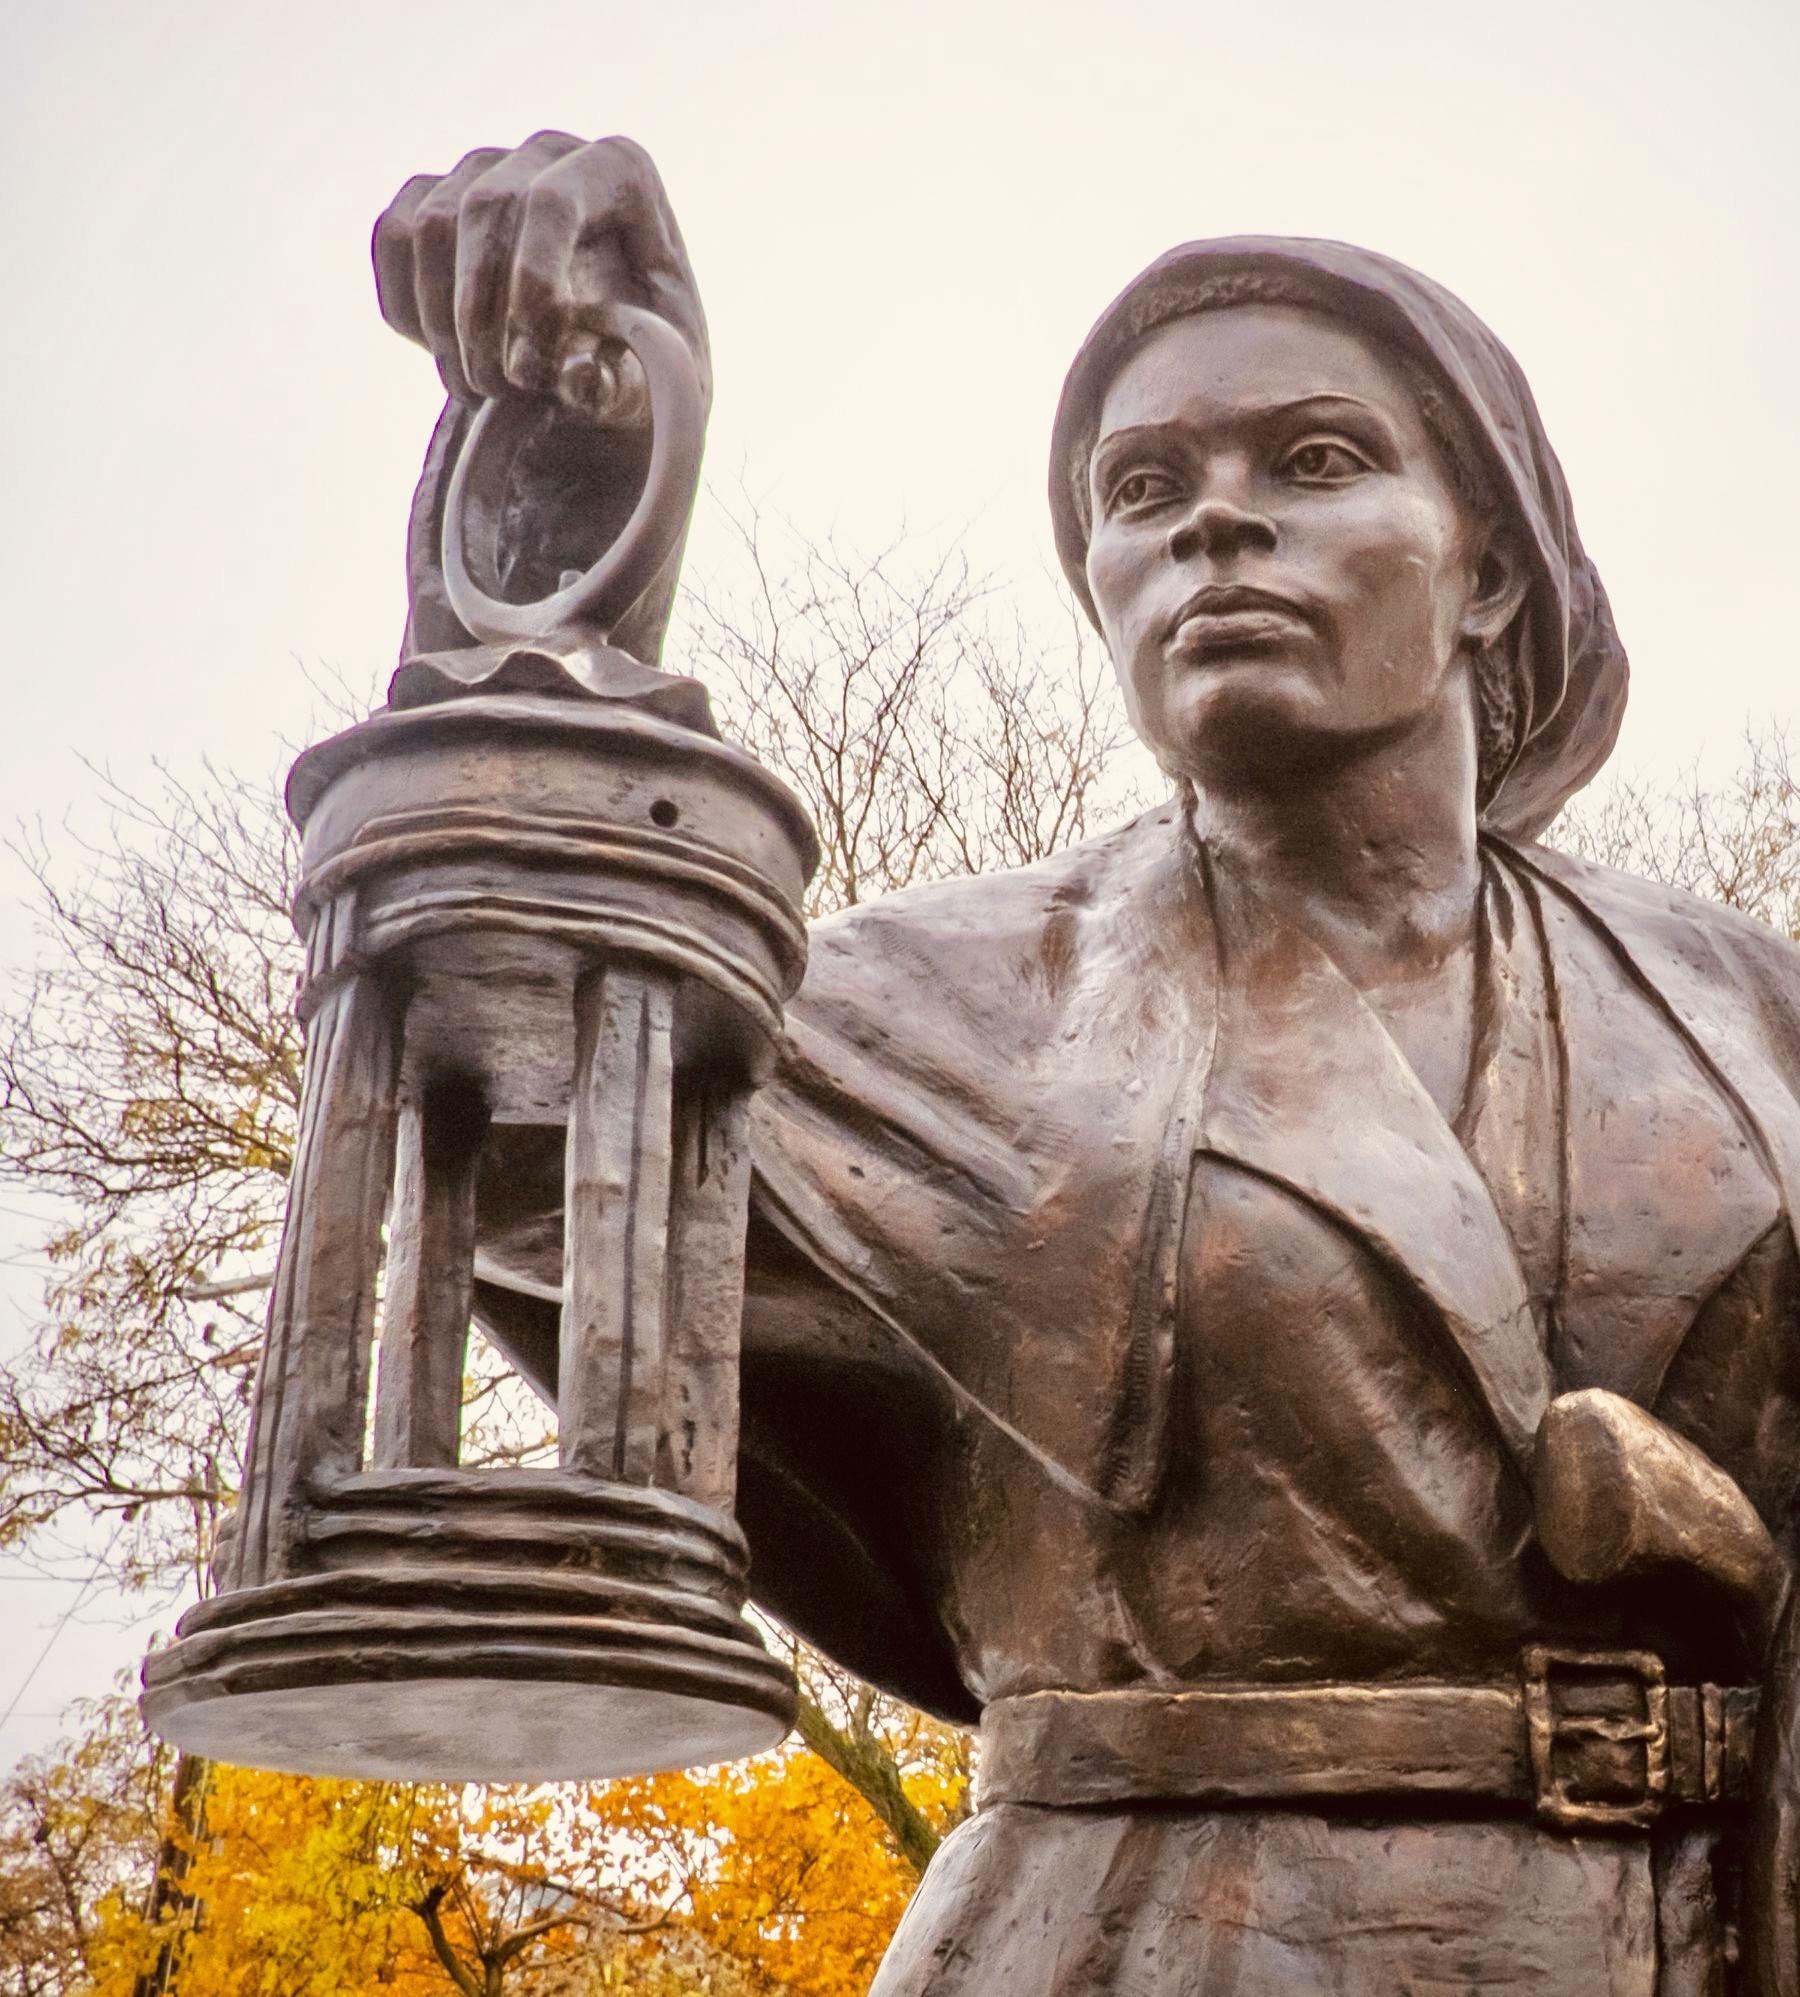 Αποτέλεσμα εικόνας για harriet Tubman